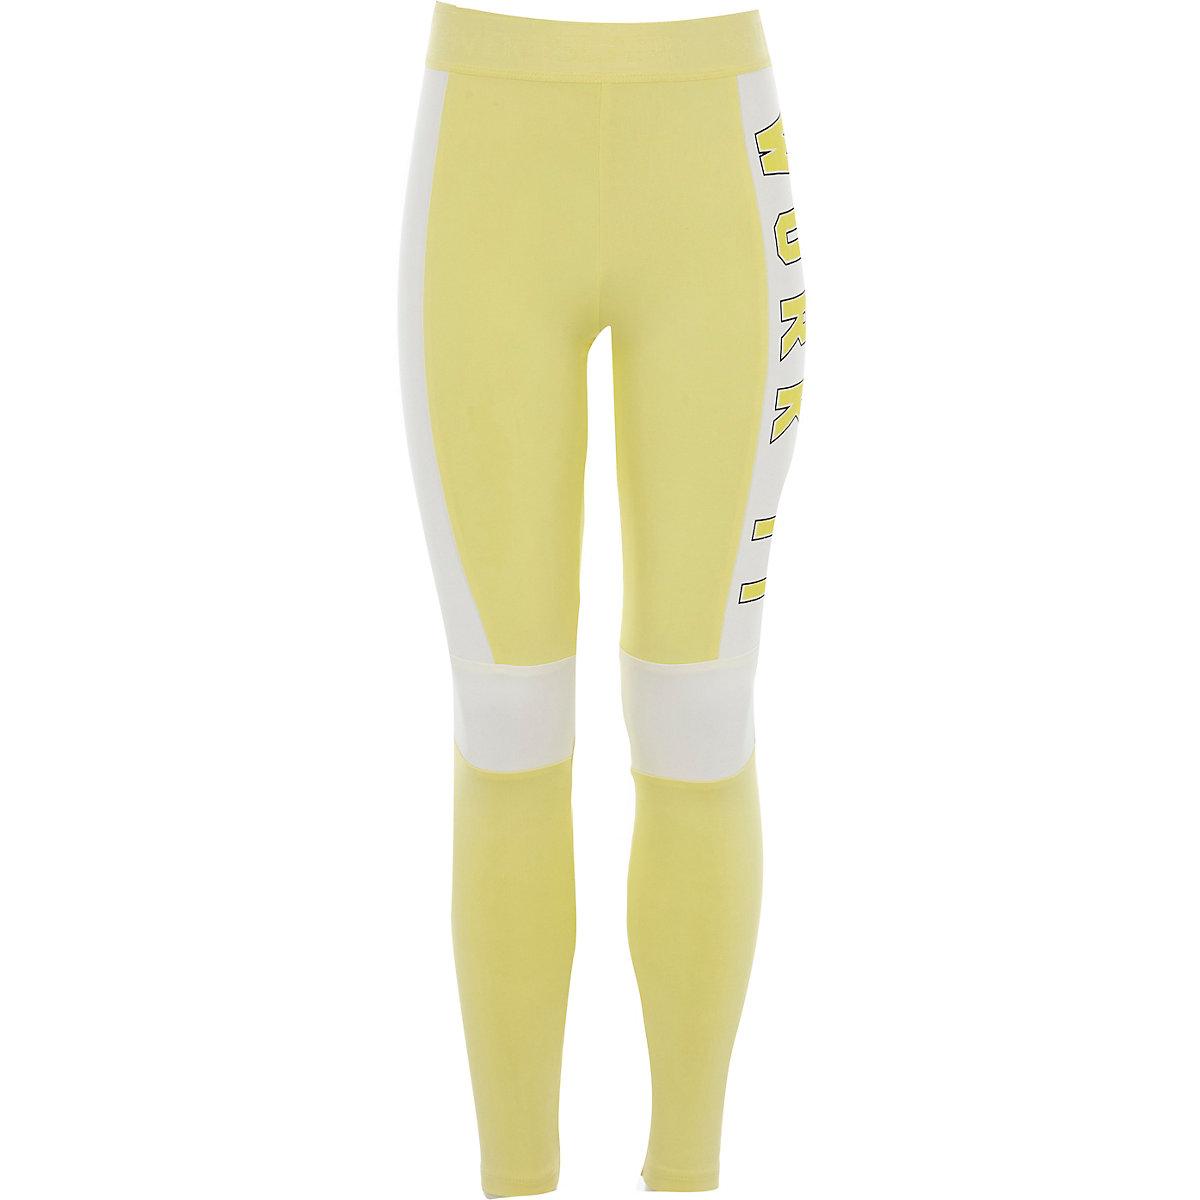 Girls yellow 'work it' blocked leggings